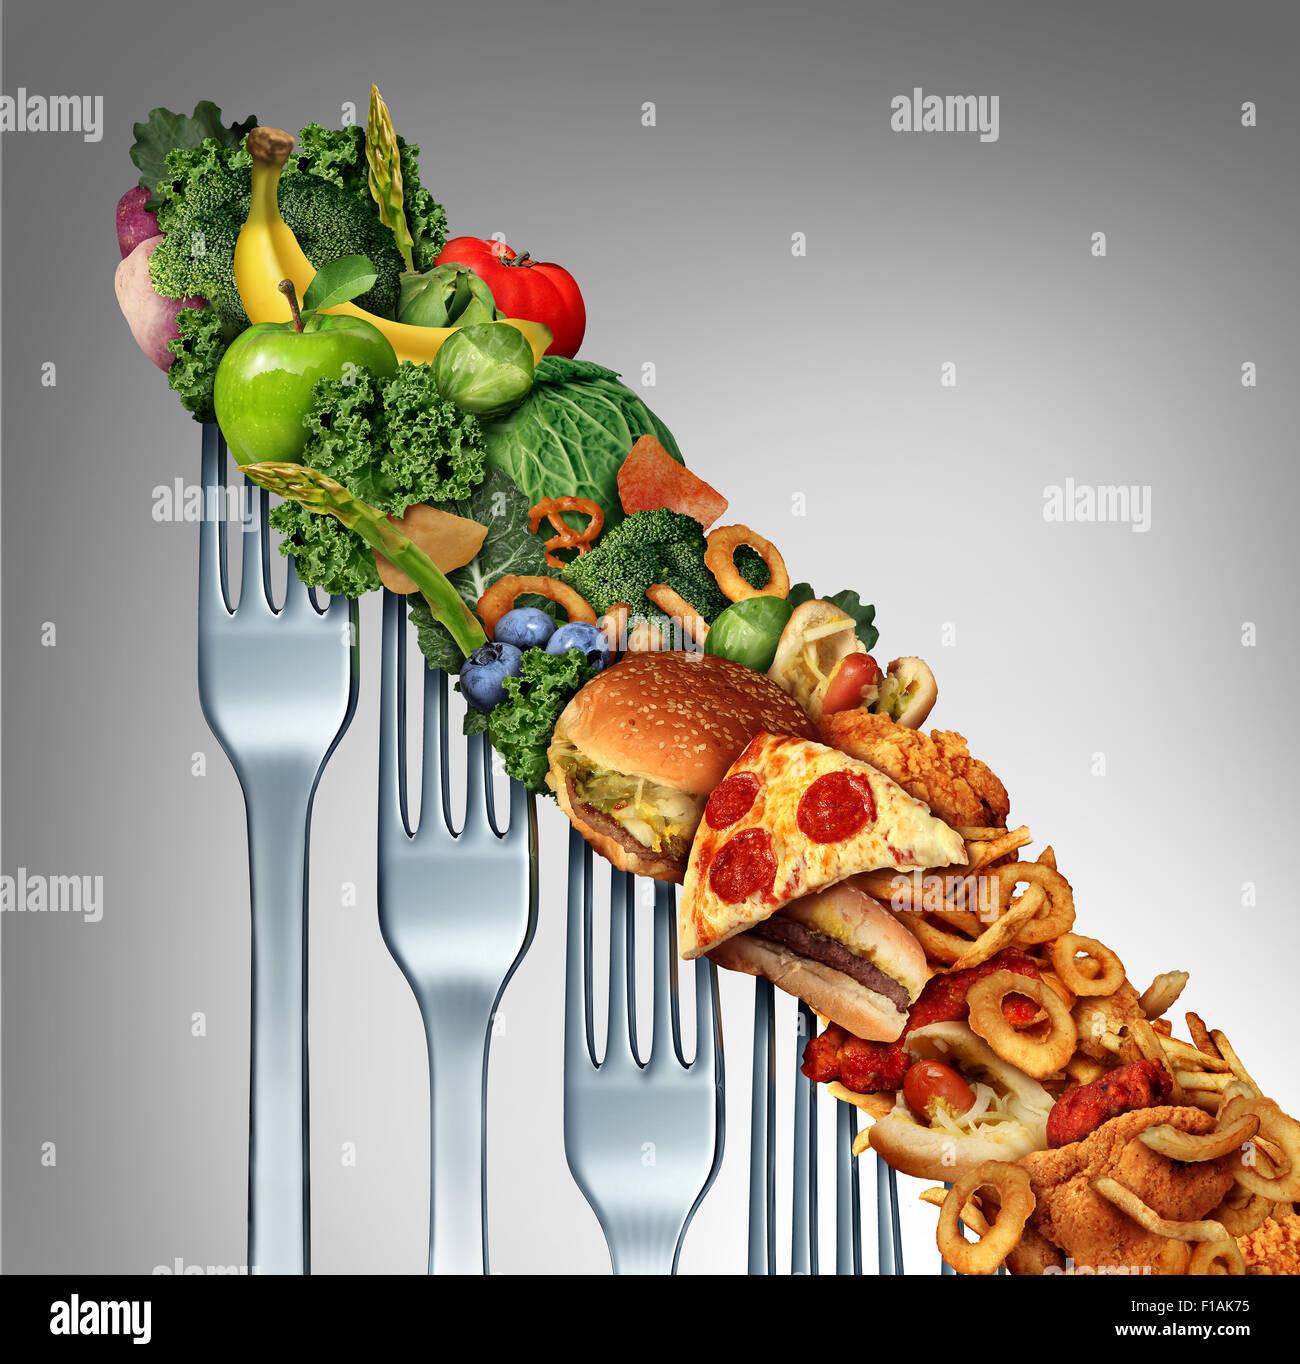 Diät-Rückfall Veränderungen wie eine gesunde Lebensweise langsam nach unten zu fettiges ungesundes Stockbild